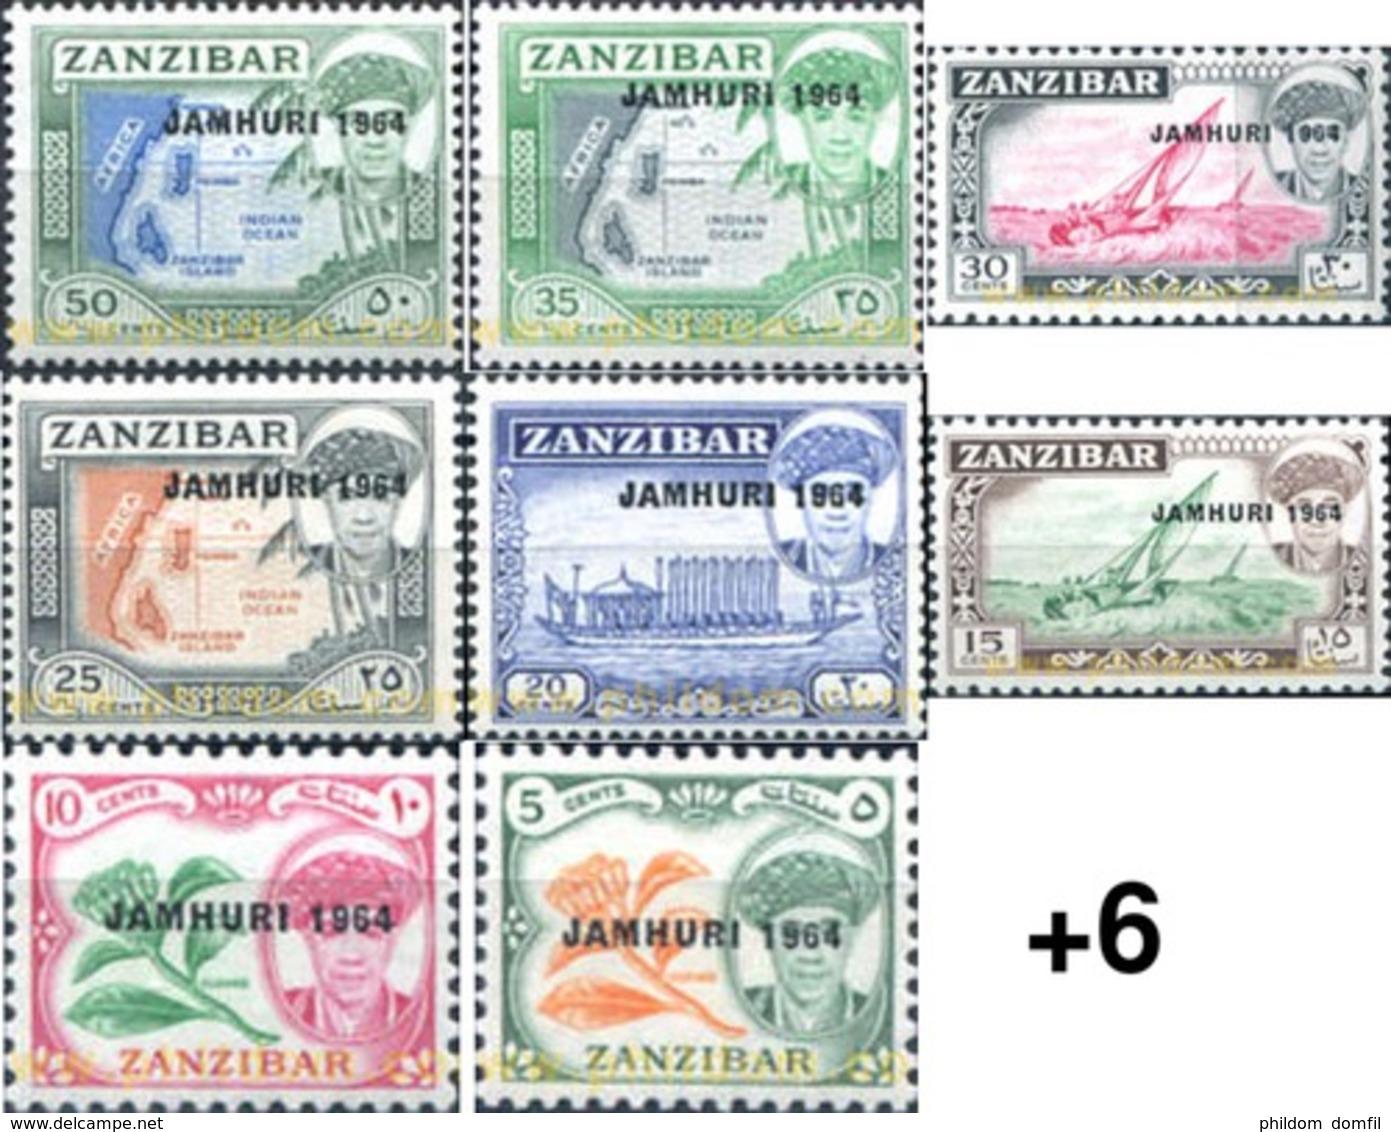 Ref. 34233 * MNH * - ZANZIBAR. 1964. BASIC SET . SERIE BASICA - Zanzibar (1963-1968)